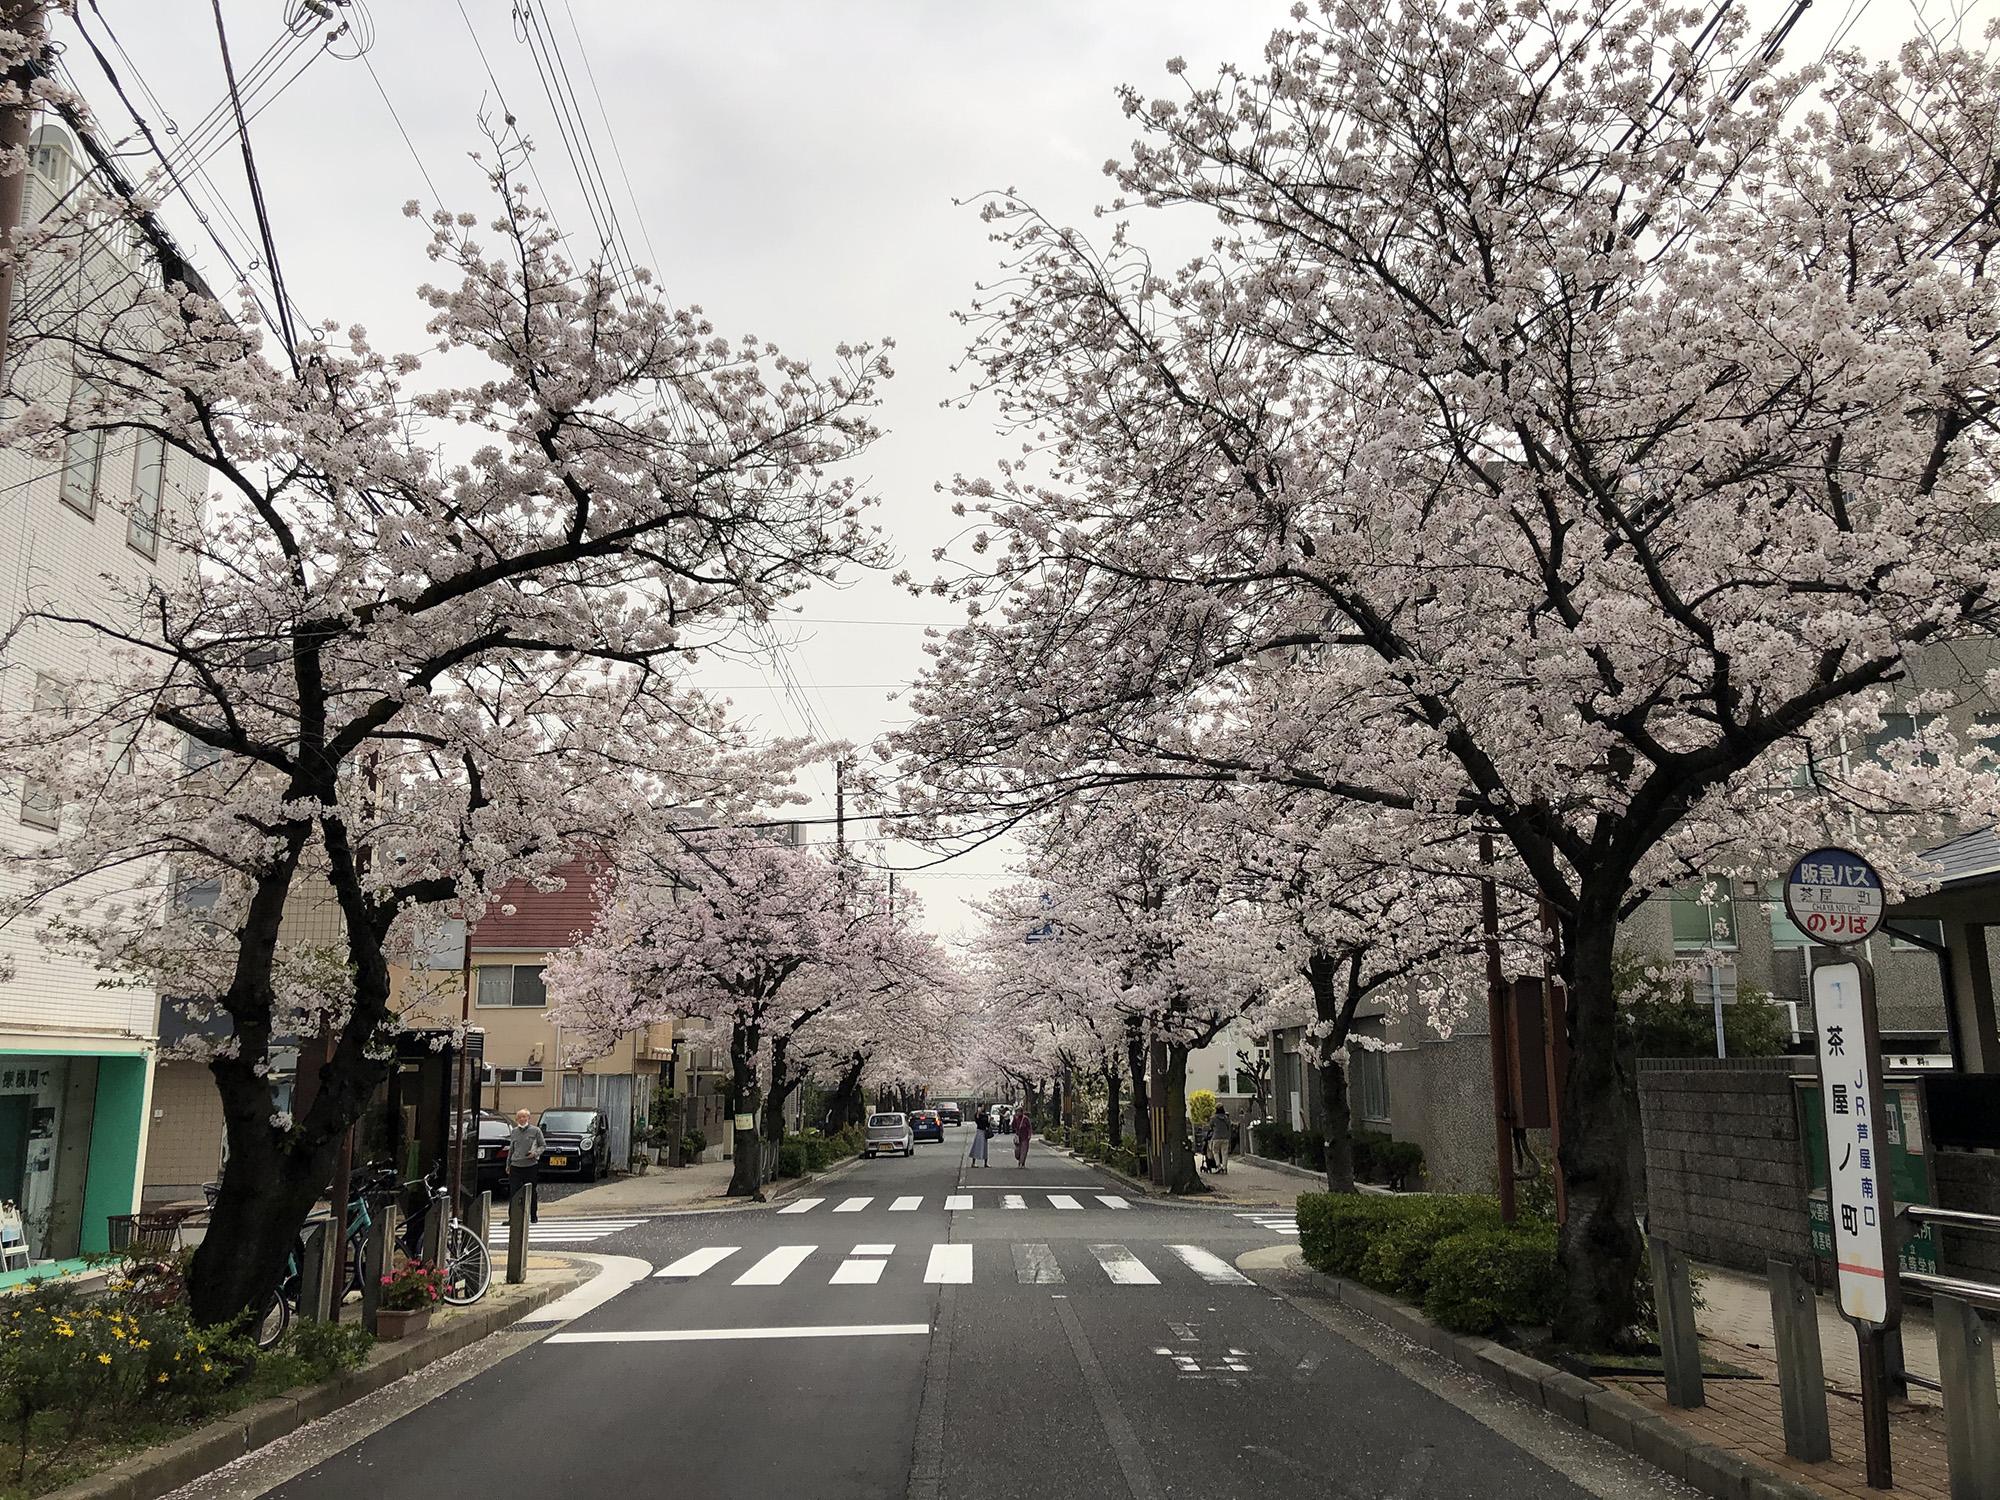 2021年4月1日~5月31日 春のあしや写真コンクール開催